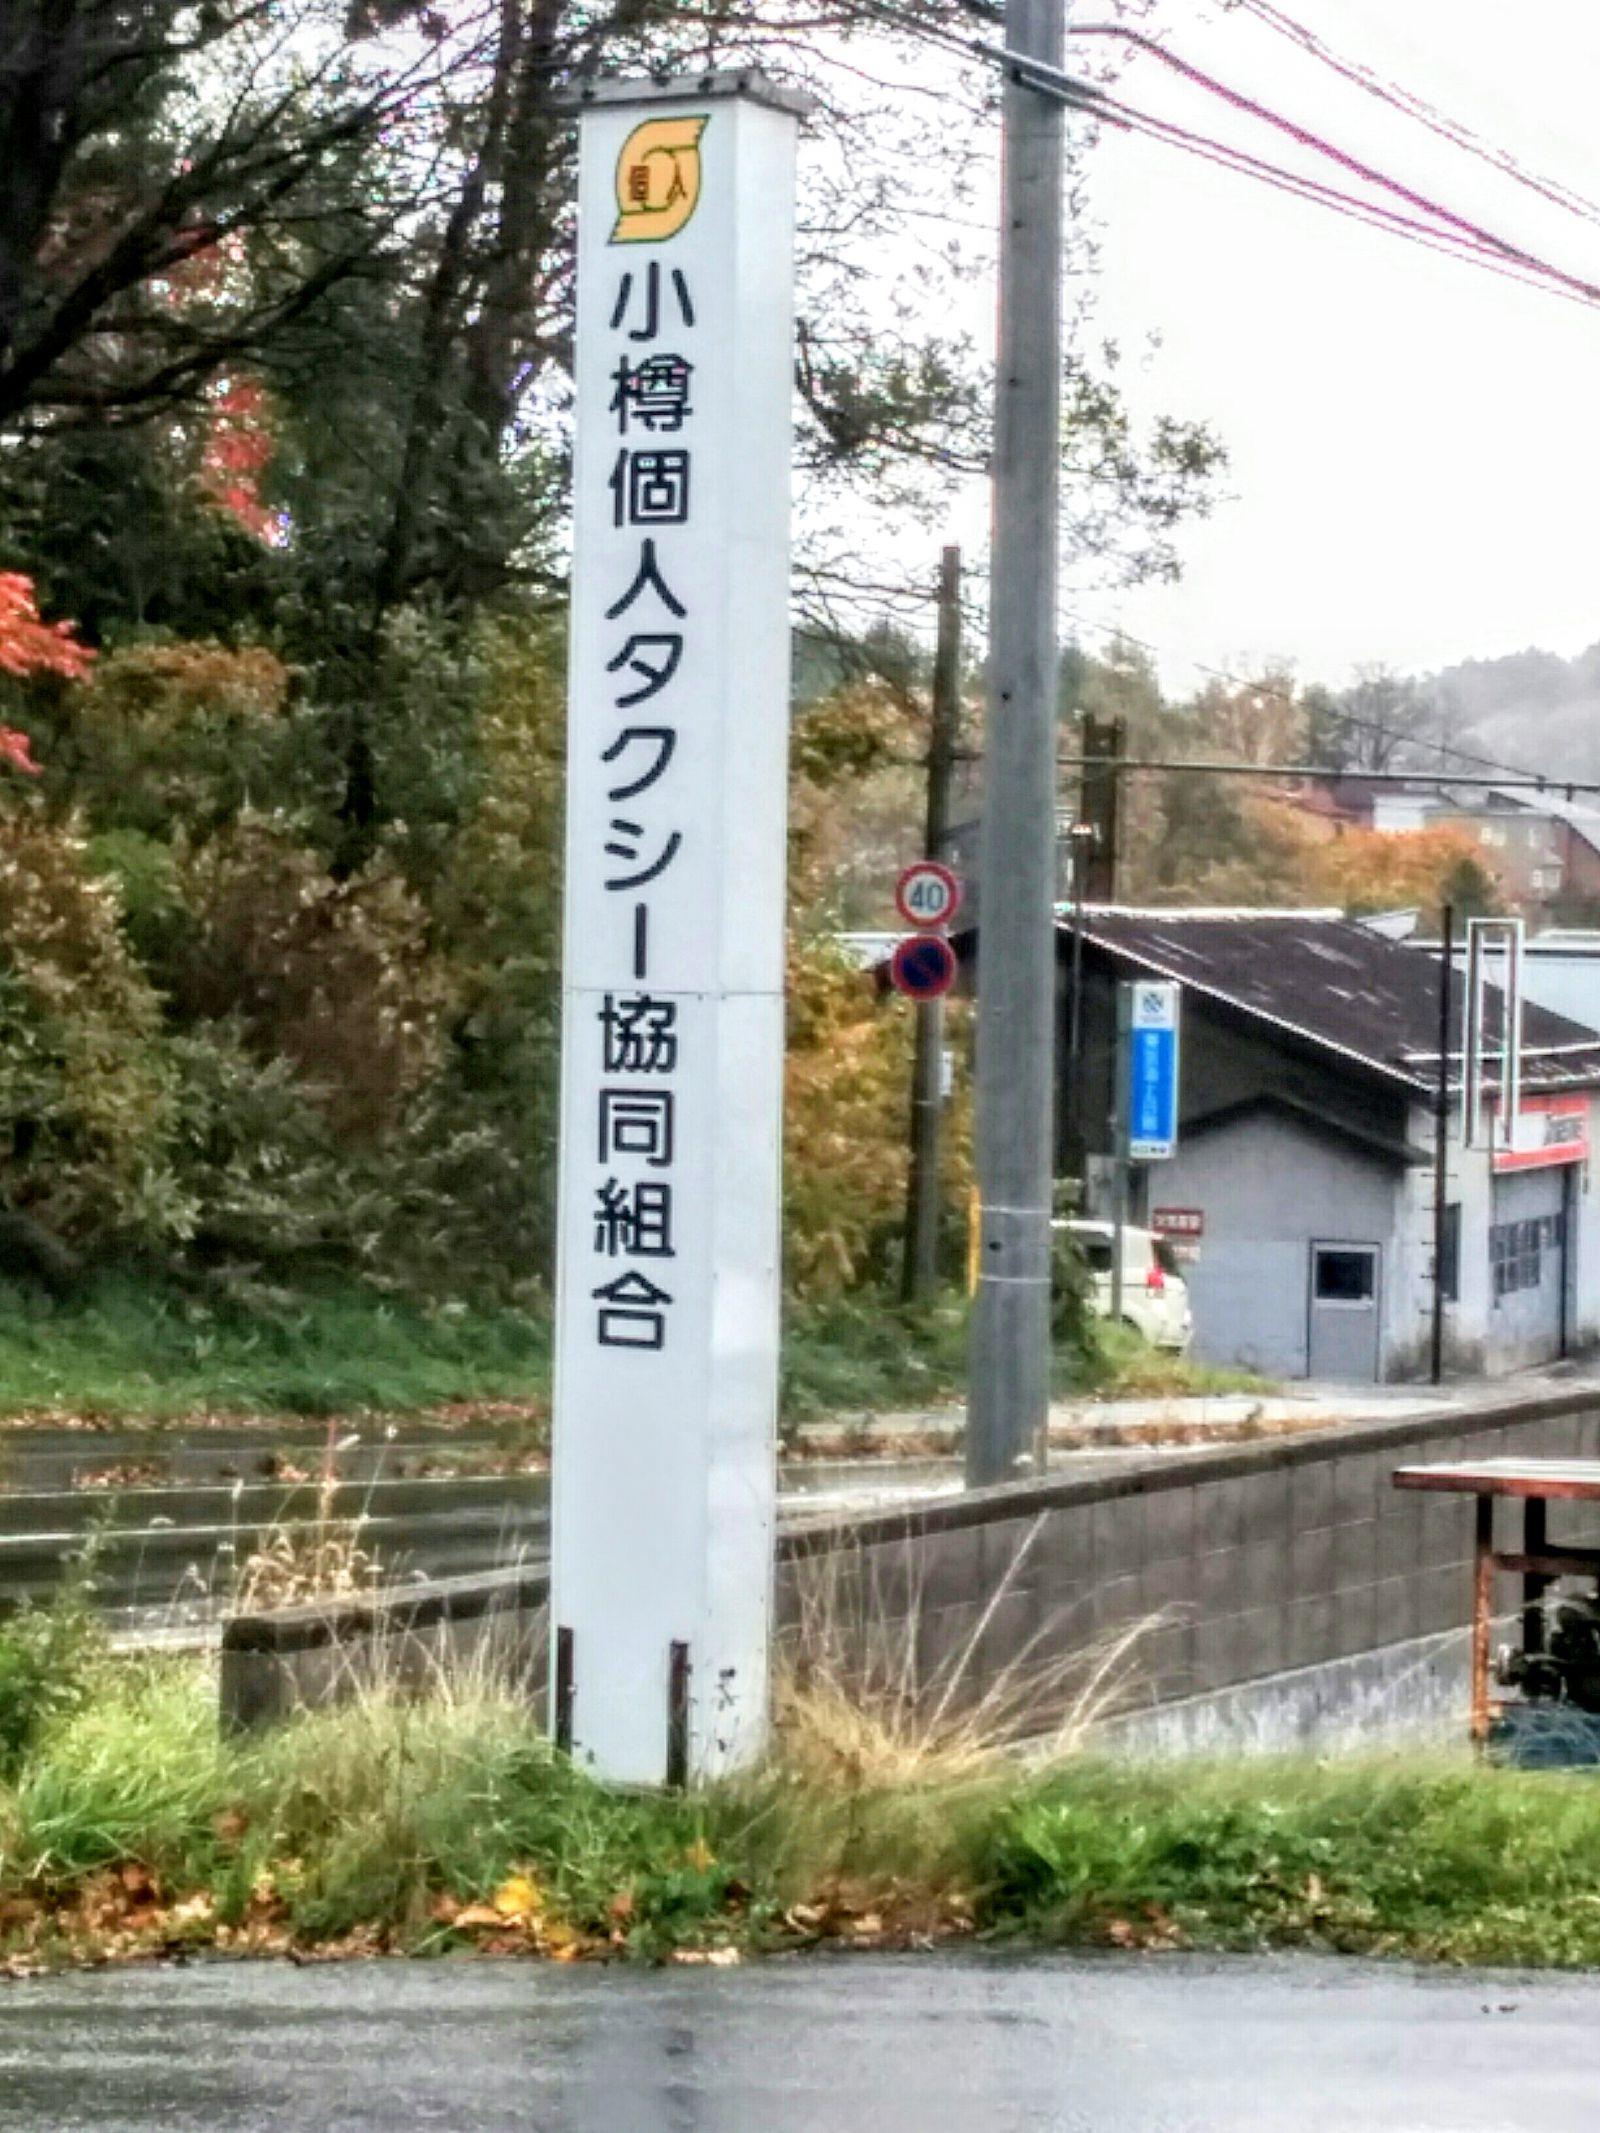 小樽観光ジャンボタクシー3ヵ月点検&タイヤ交換です。